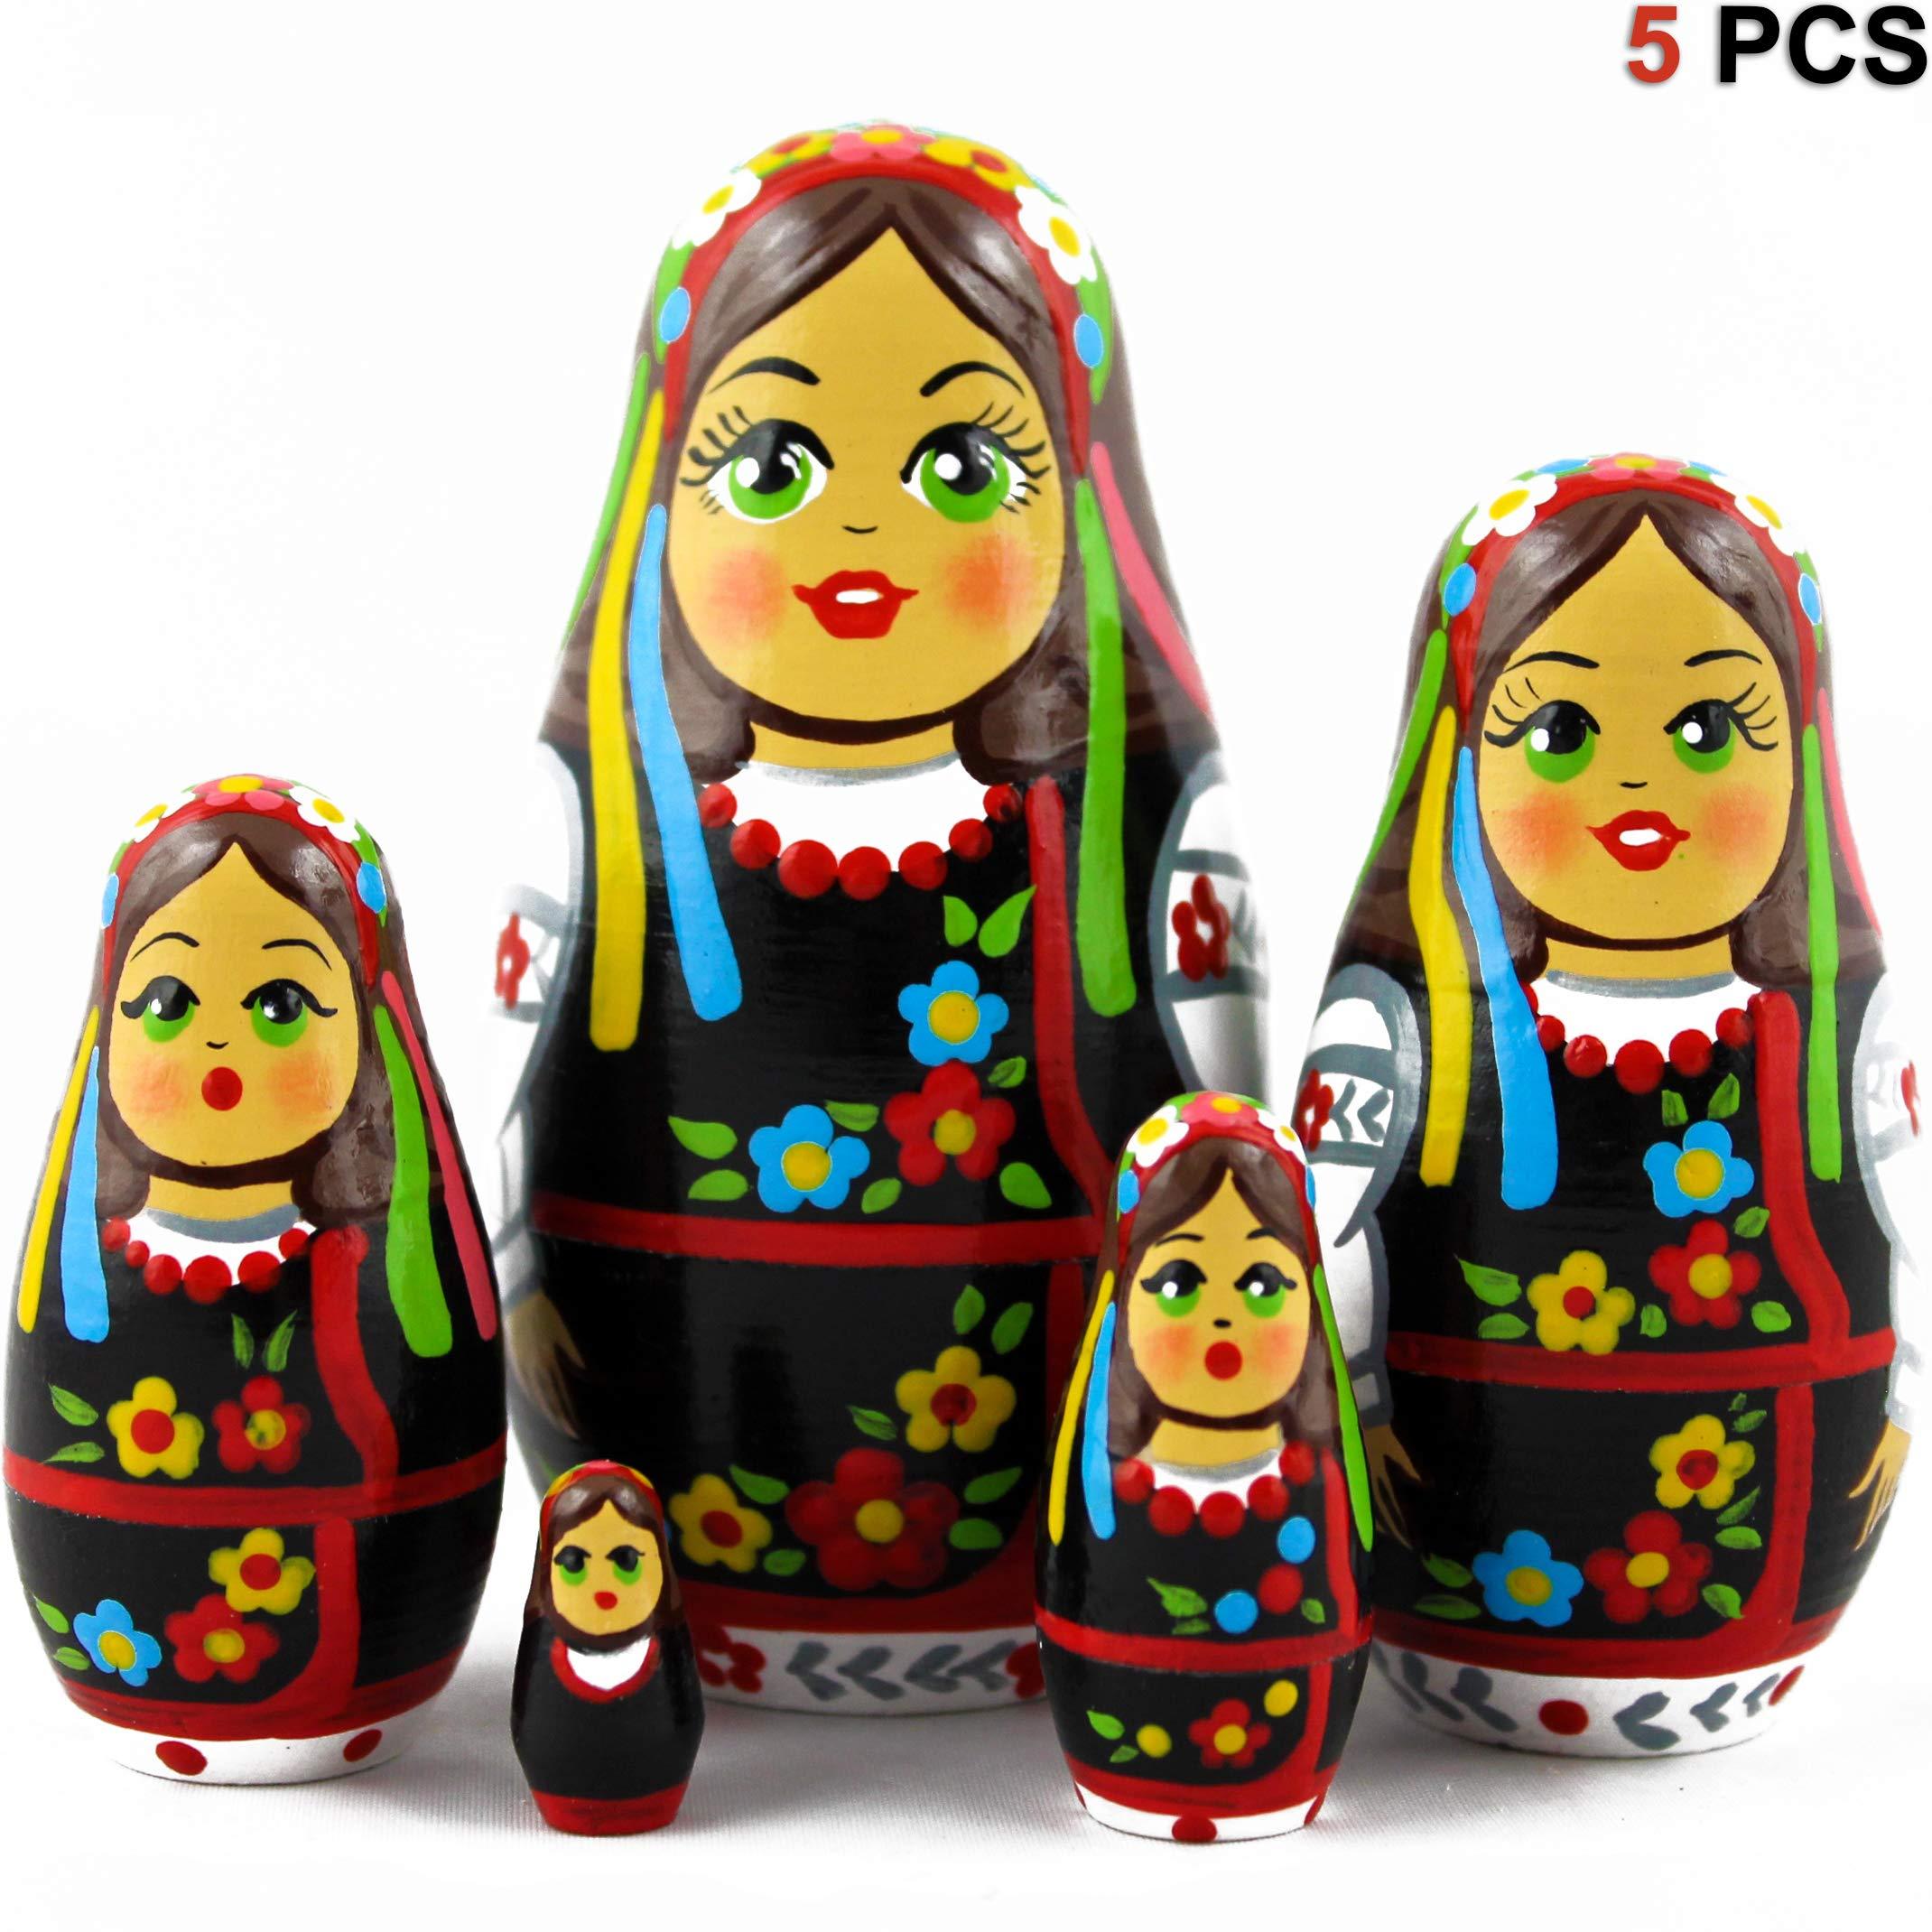 MATRYOSHKA&HANDICRAFT Ukrainian Nesting Dolls 5 pcs Wooden Souvenir by MATRYOSHKA&HANDICRAFT